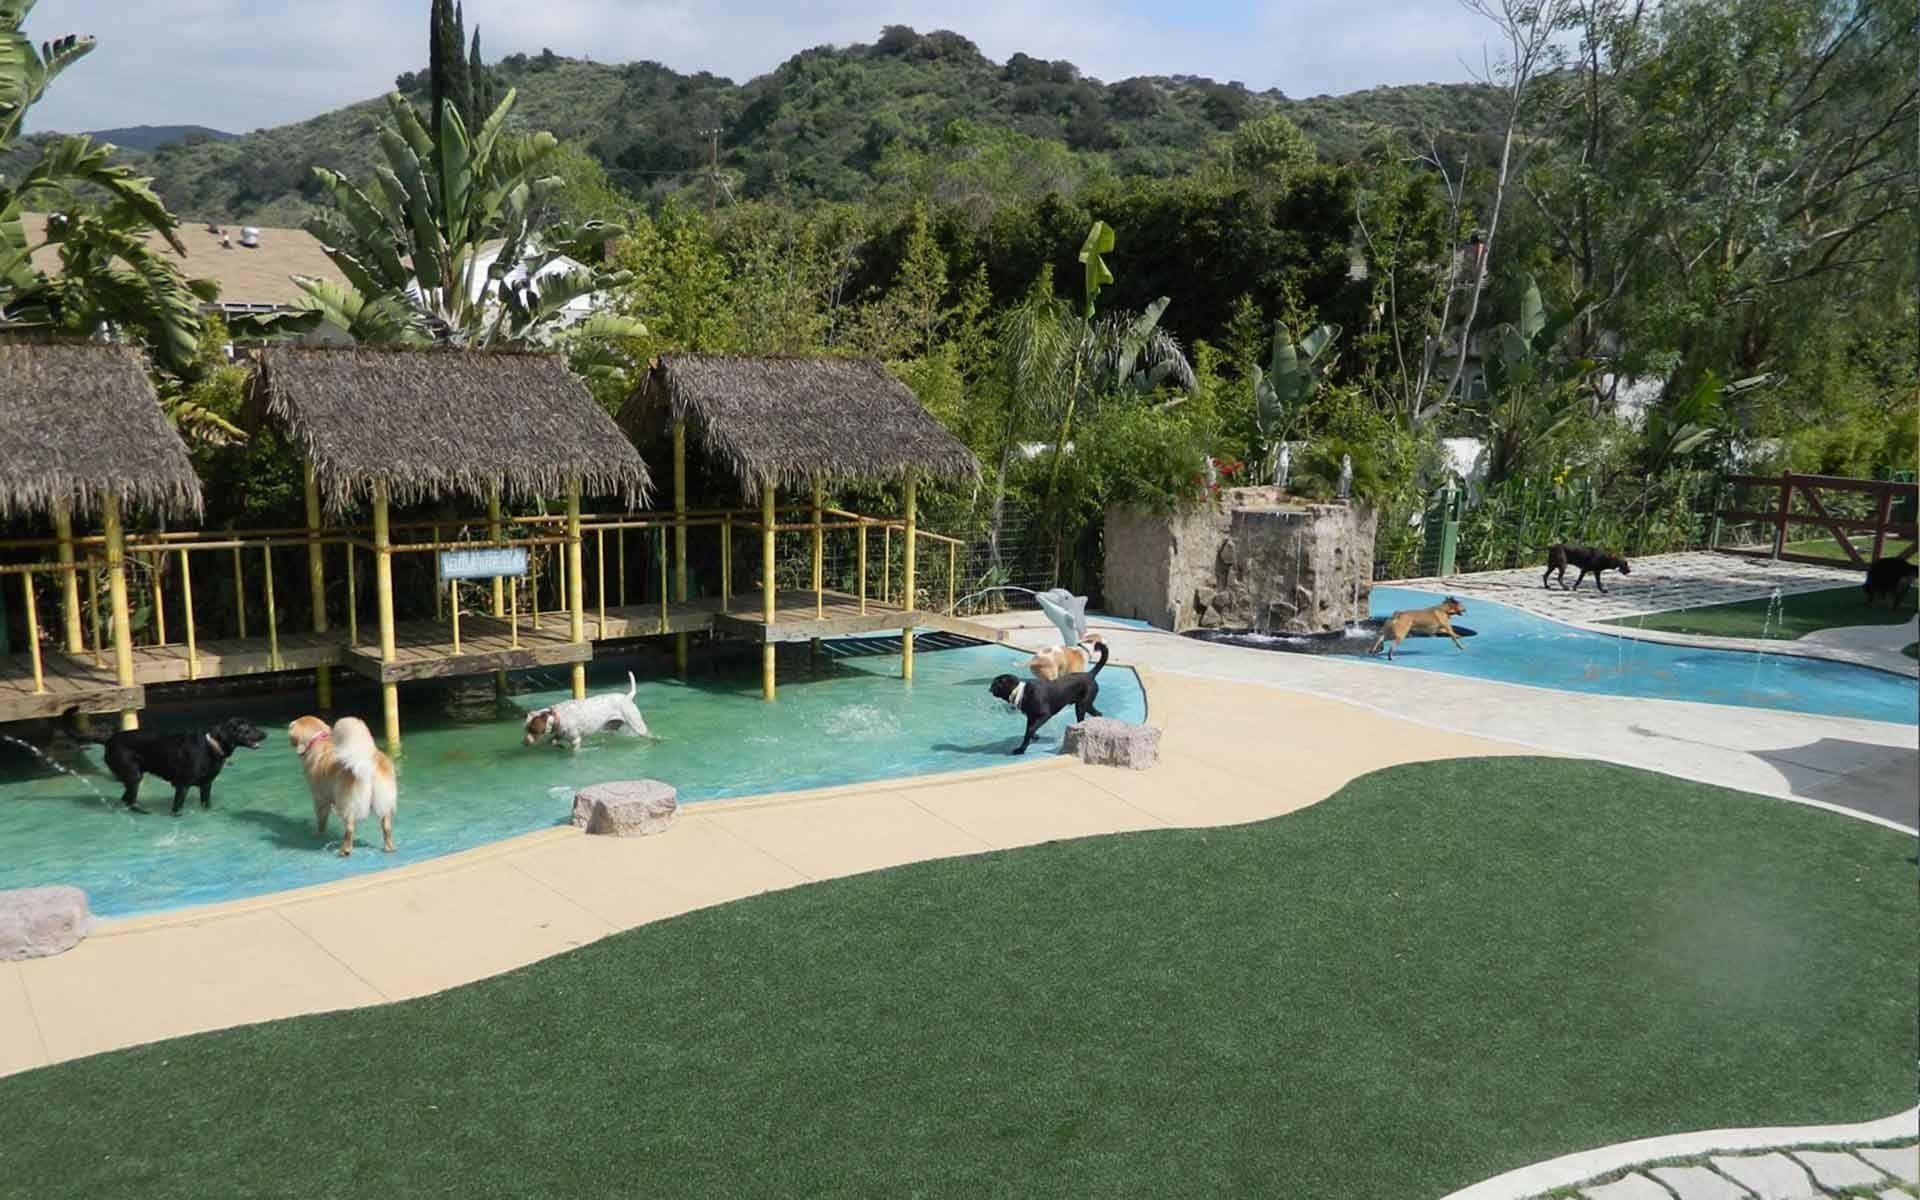 Image result for dog daycare Pet resort, Dog hotel